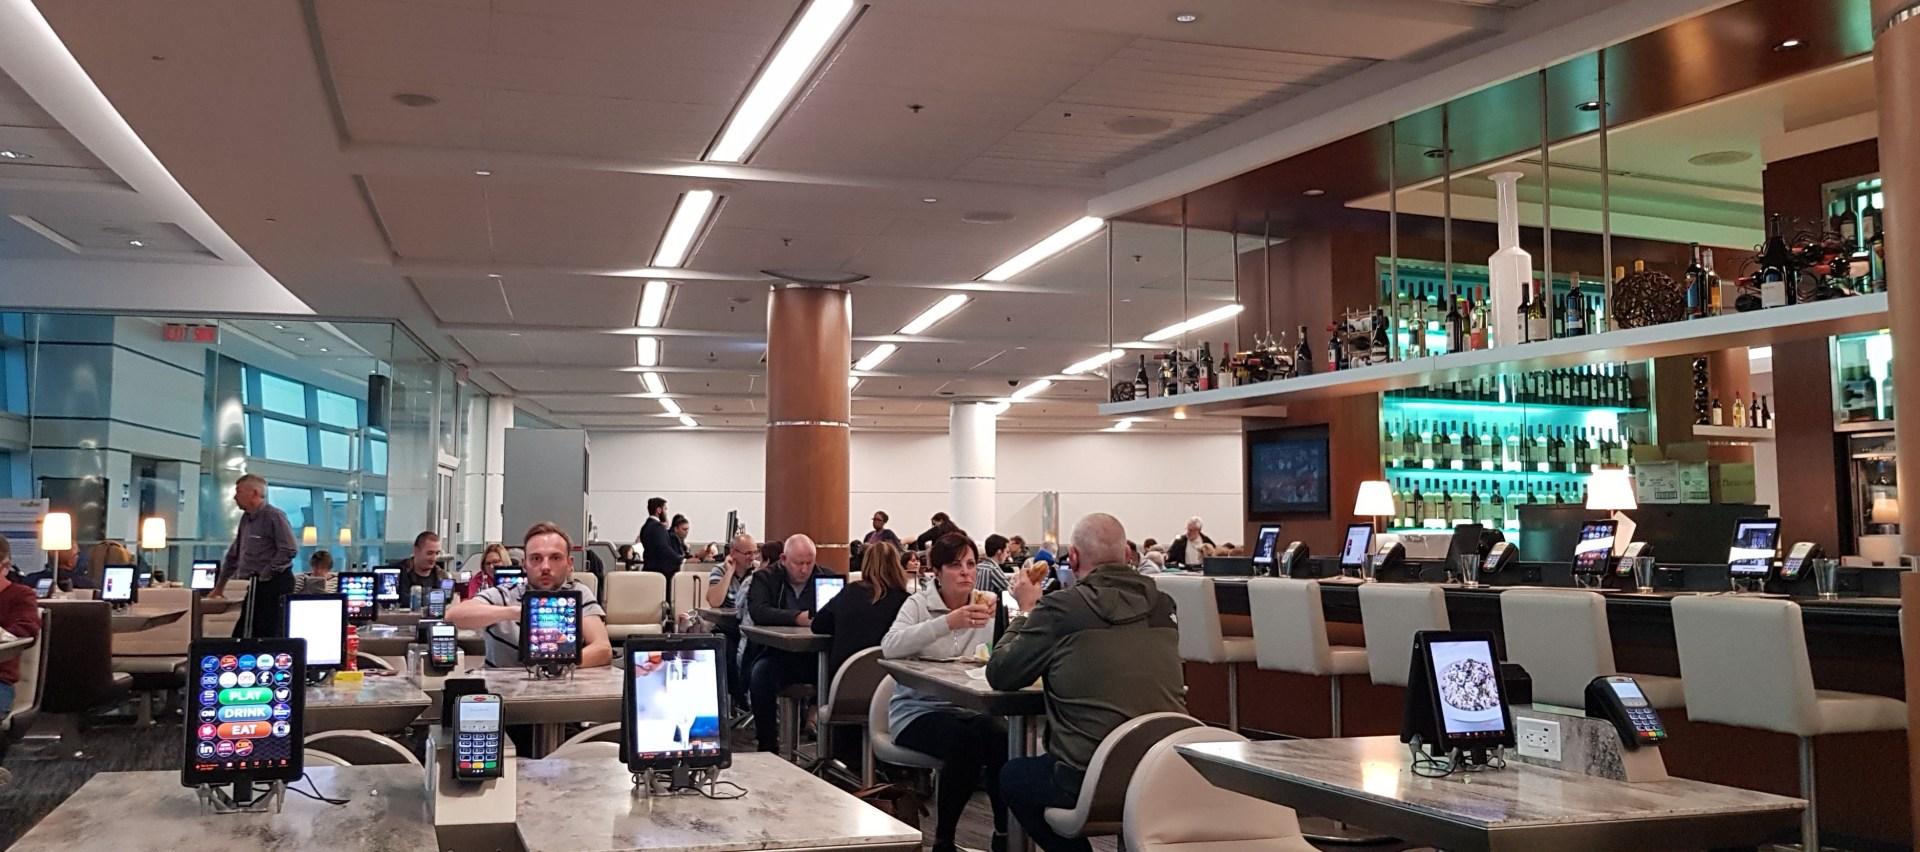 Toronto Pearson departure gate